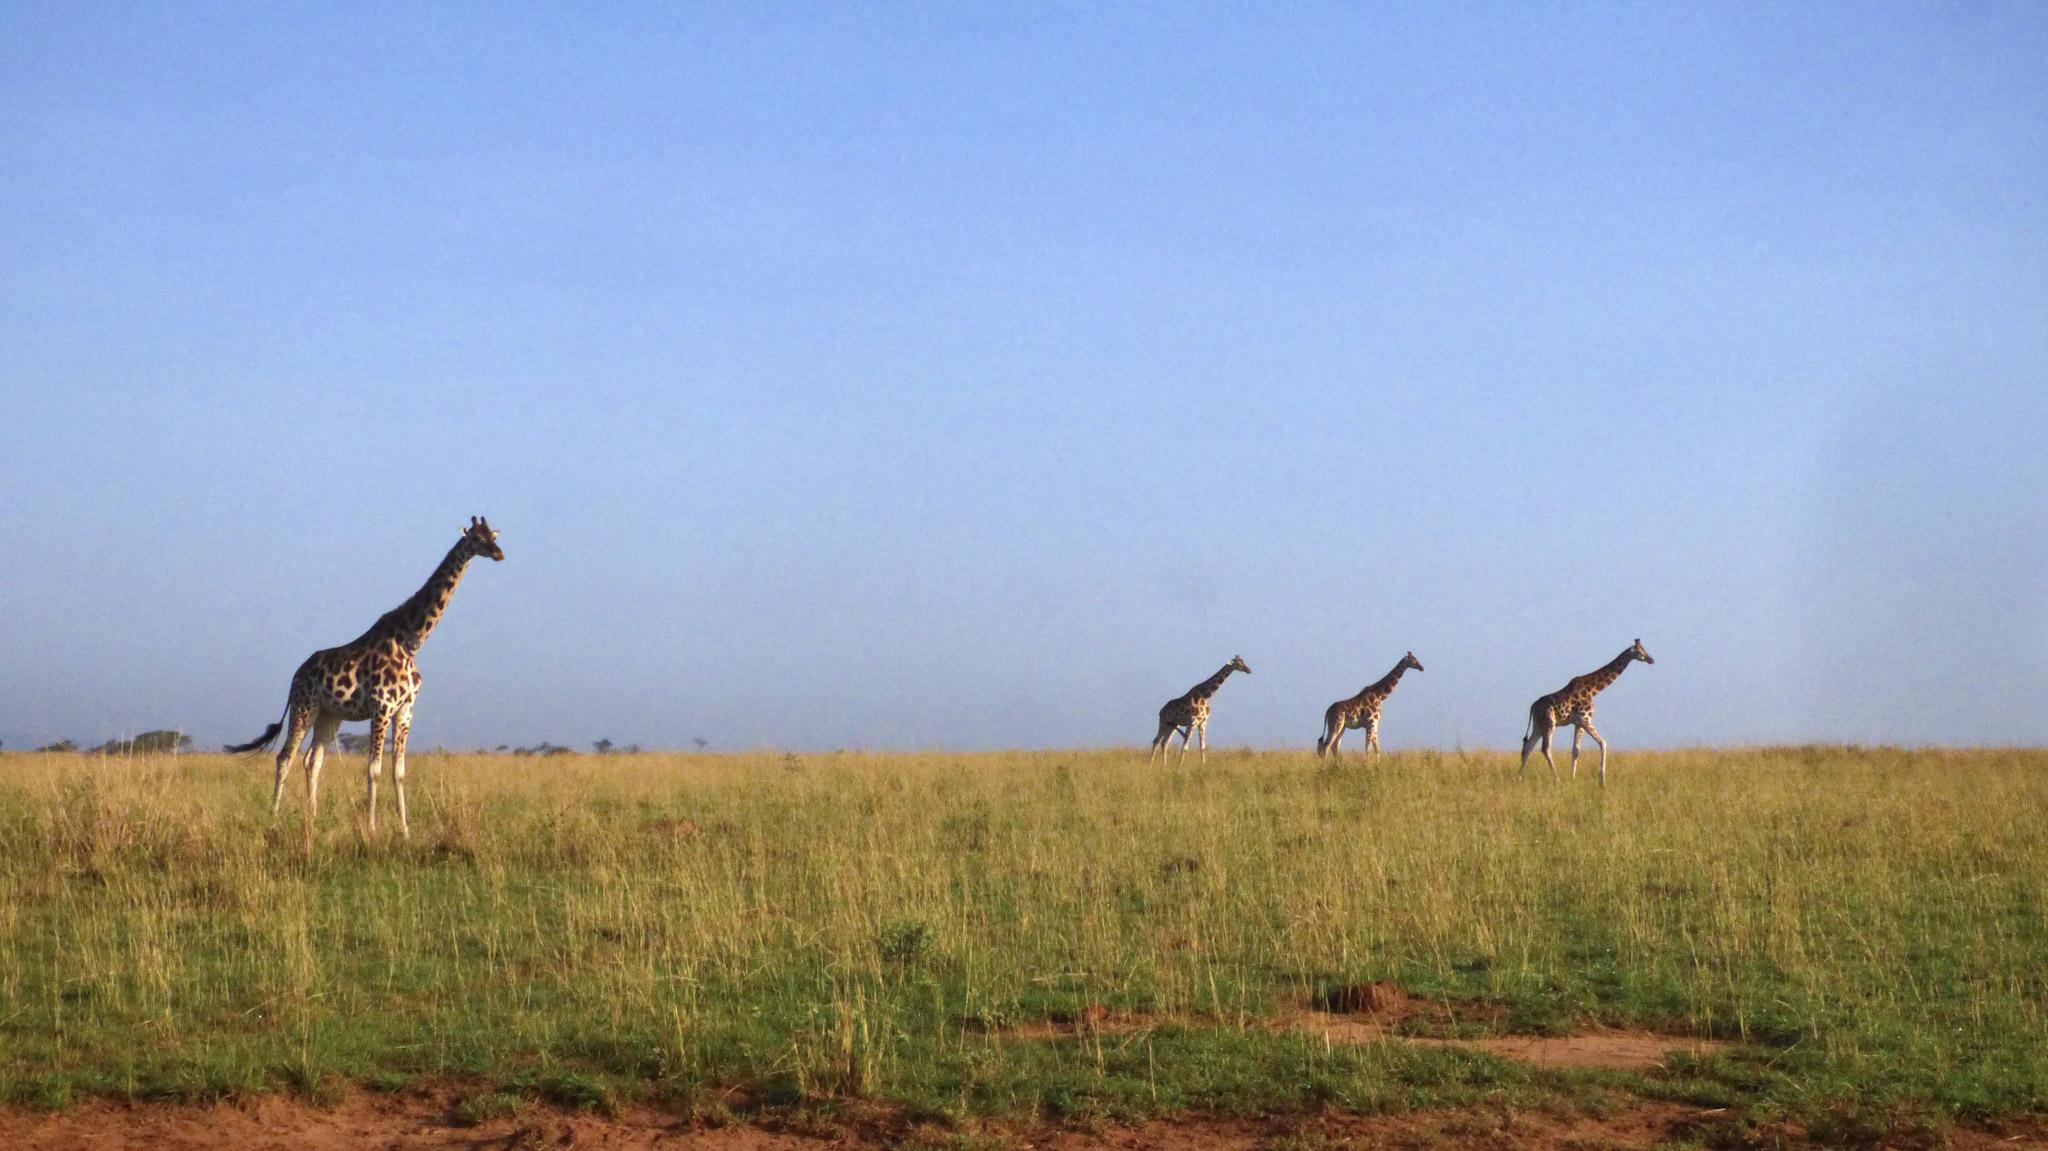 Ouganda girafes